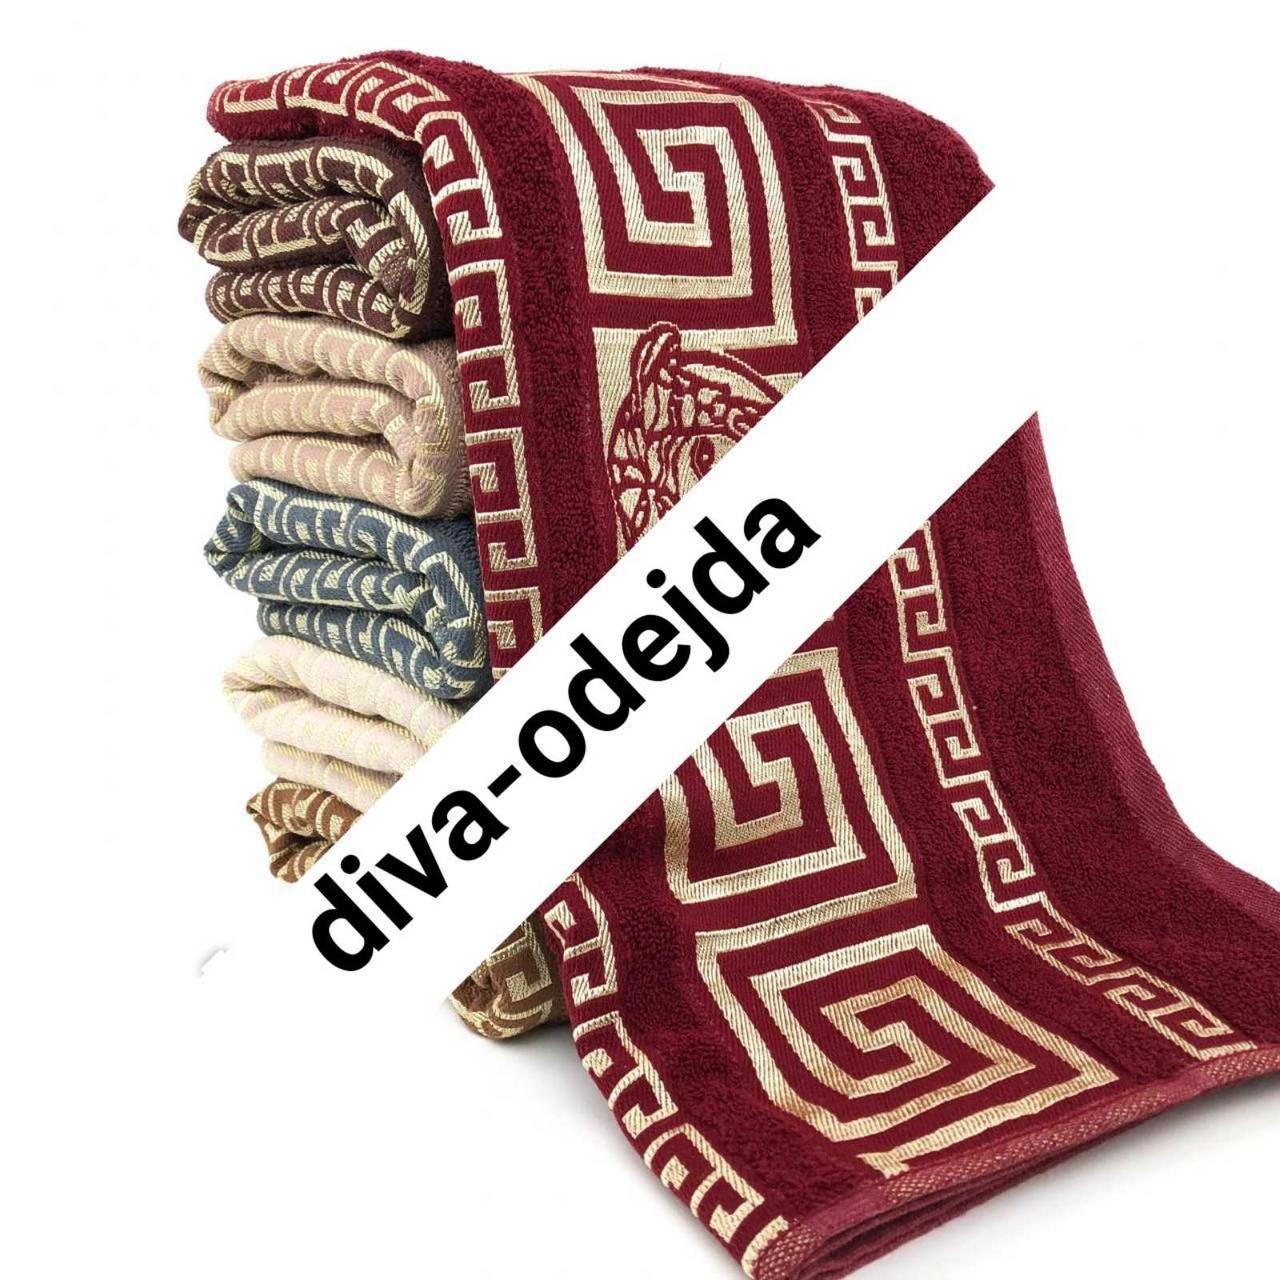 Полотенце для лица и рук с красивым узором.Размер:1,0 x 0,5